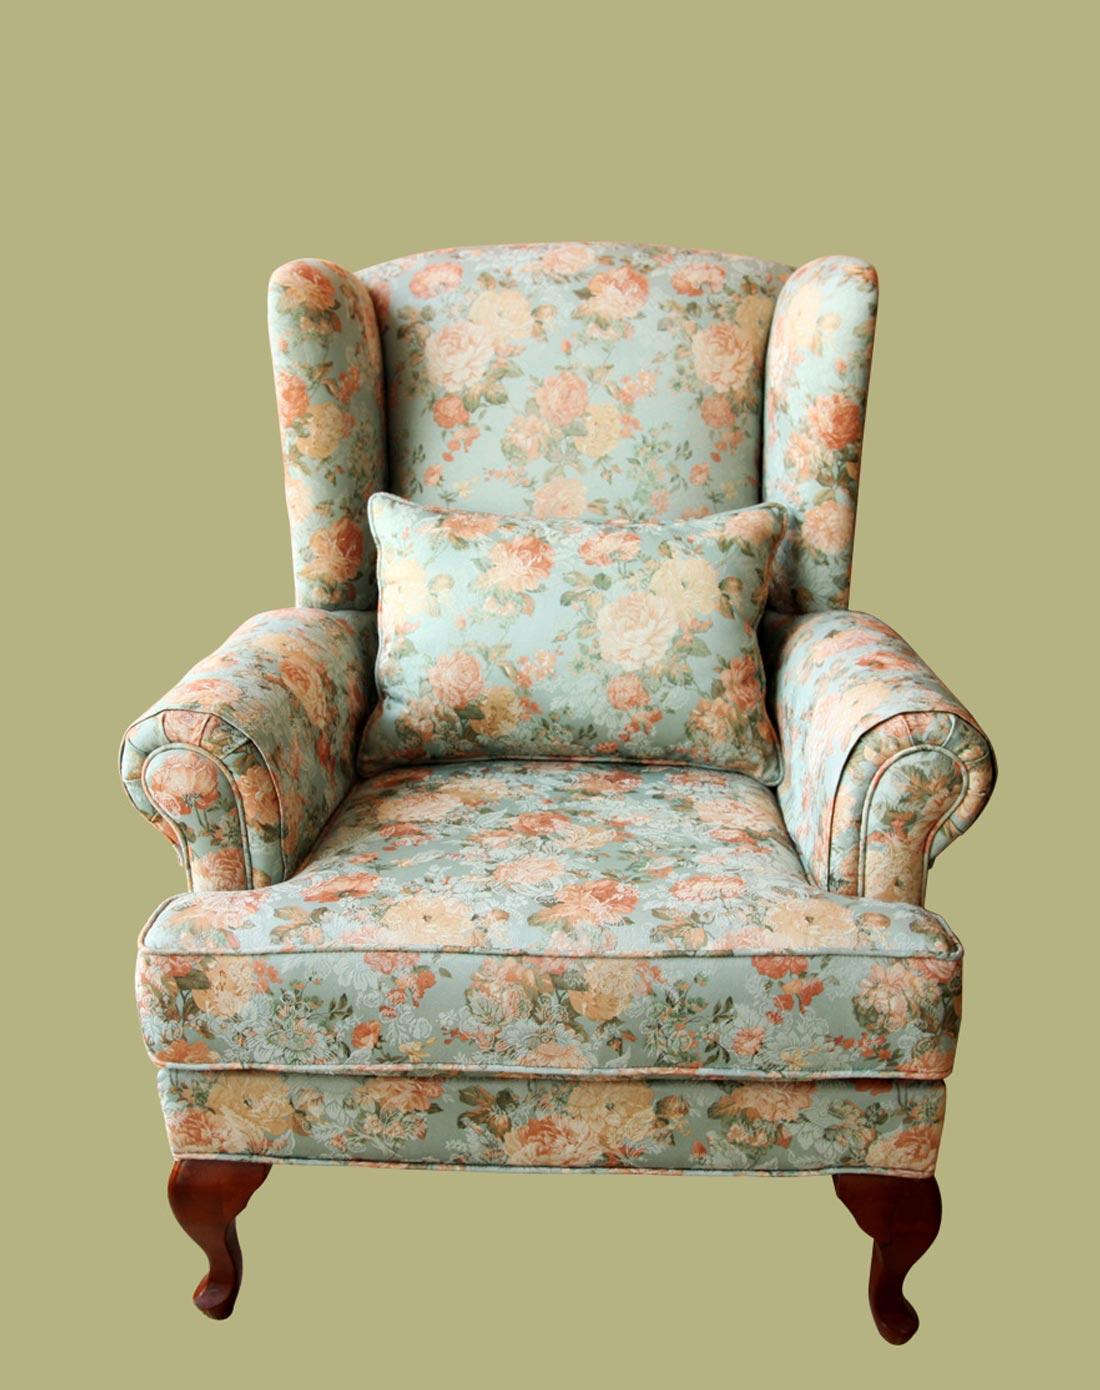 绿底花纹高档布艺欧式虎椅单人沙发